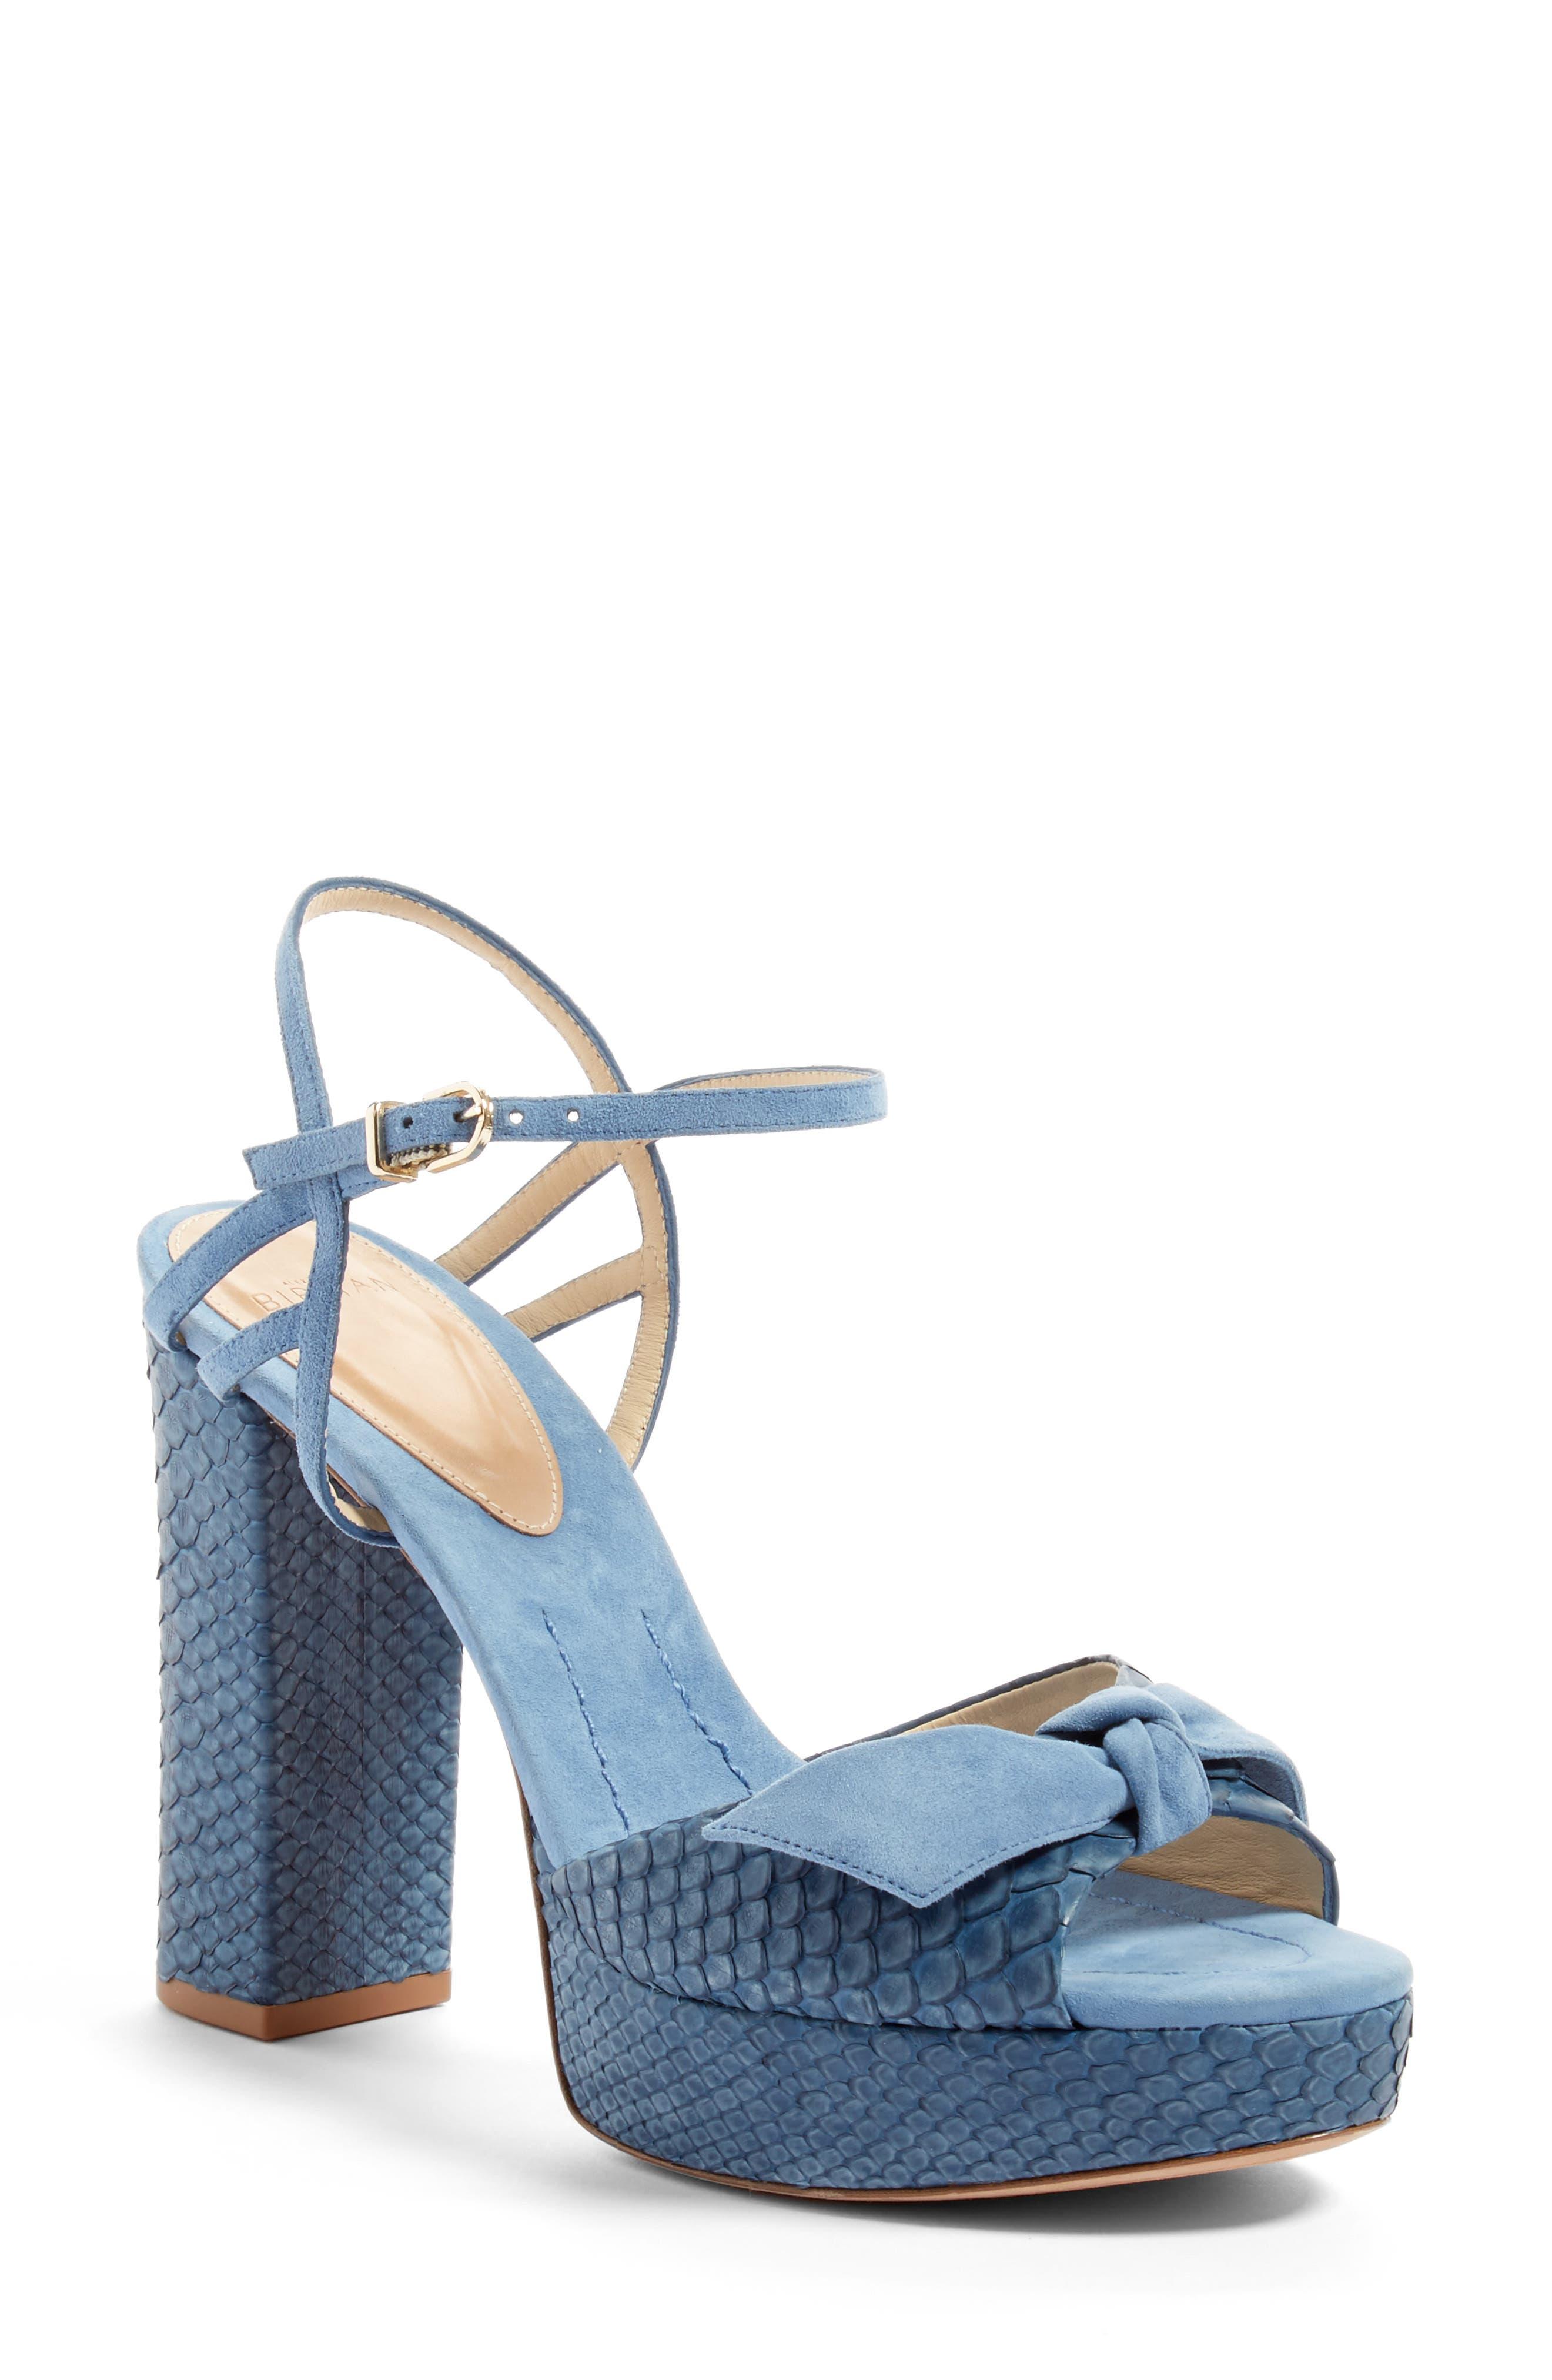 ALEXANDRE BIRMAN Lenna Platform Sandal